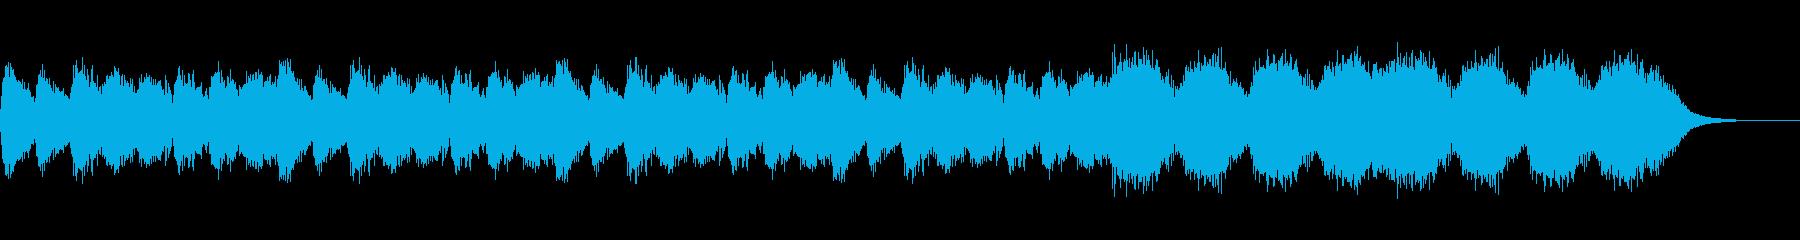 緊張感のあるホラーBGM(短い)の再生済みの波形